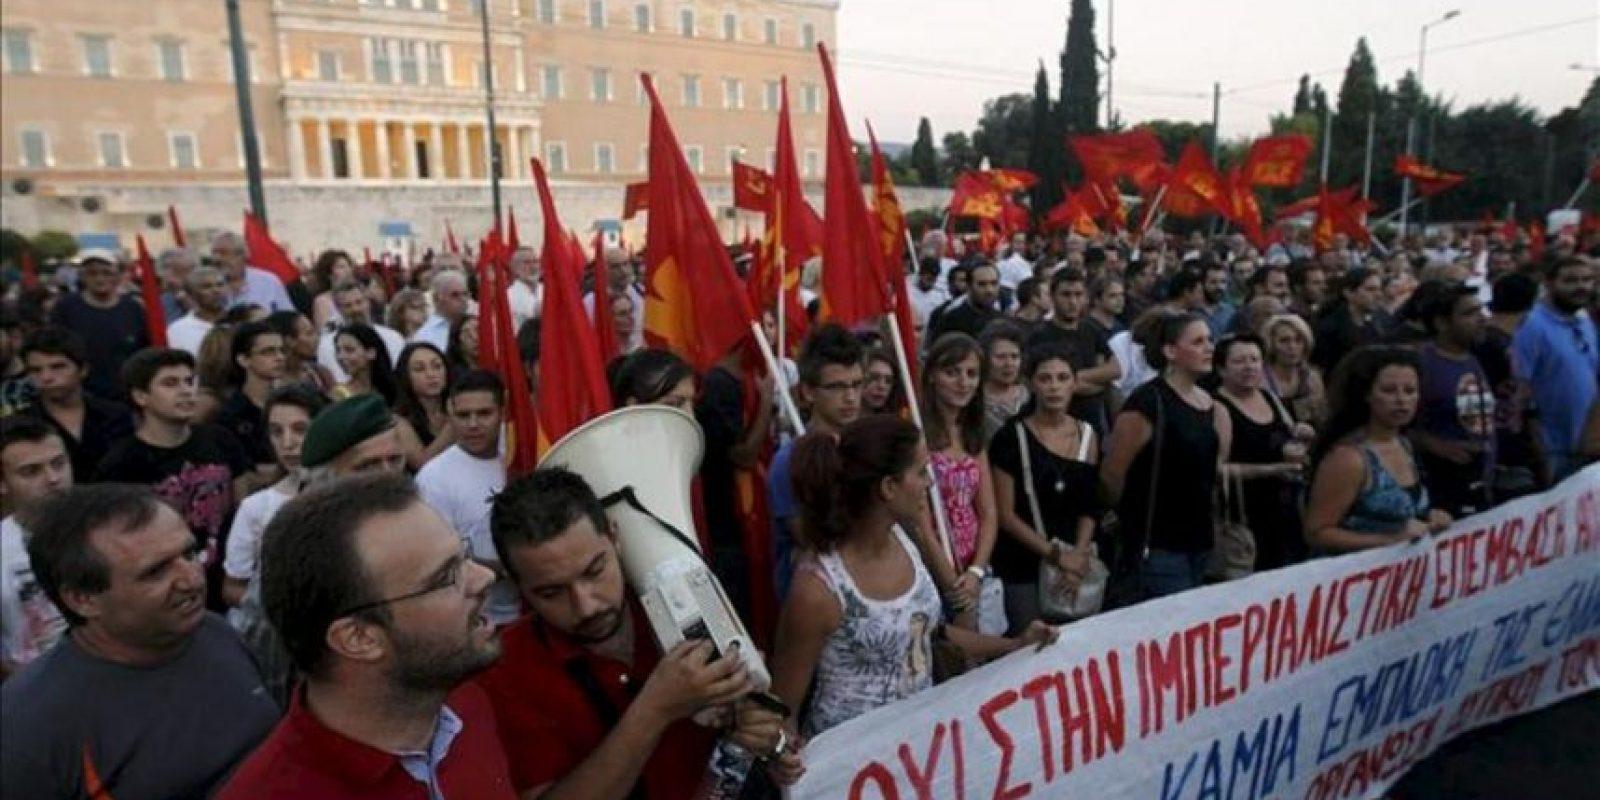 Seguidores del Partido Comunista Griego participan en un manifestación contra la posible intervención militar en Siria hoy, jueves 29 de agosto de 2013, frente a las instalaciones del Parlamento en Atenas (Grecia). EFE